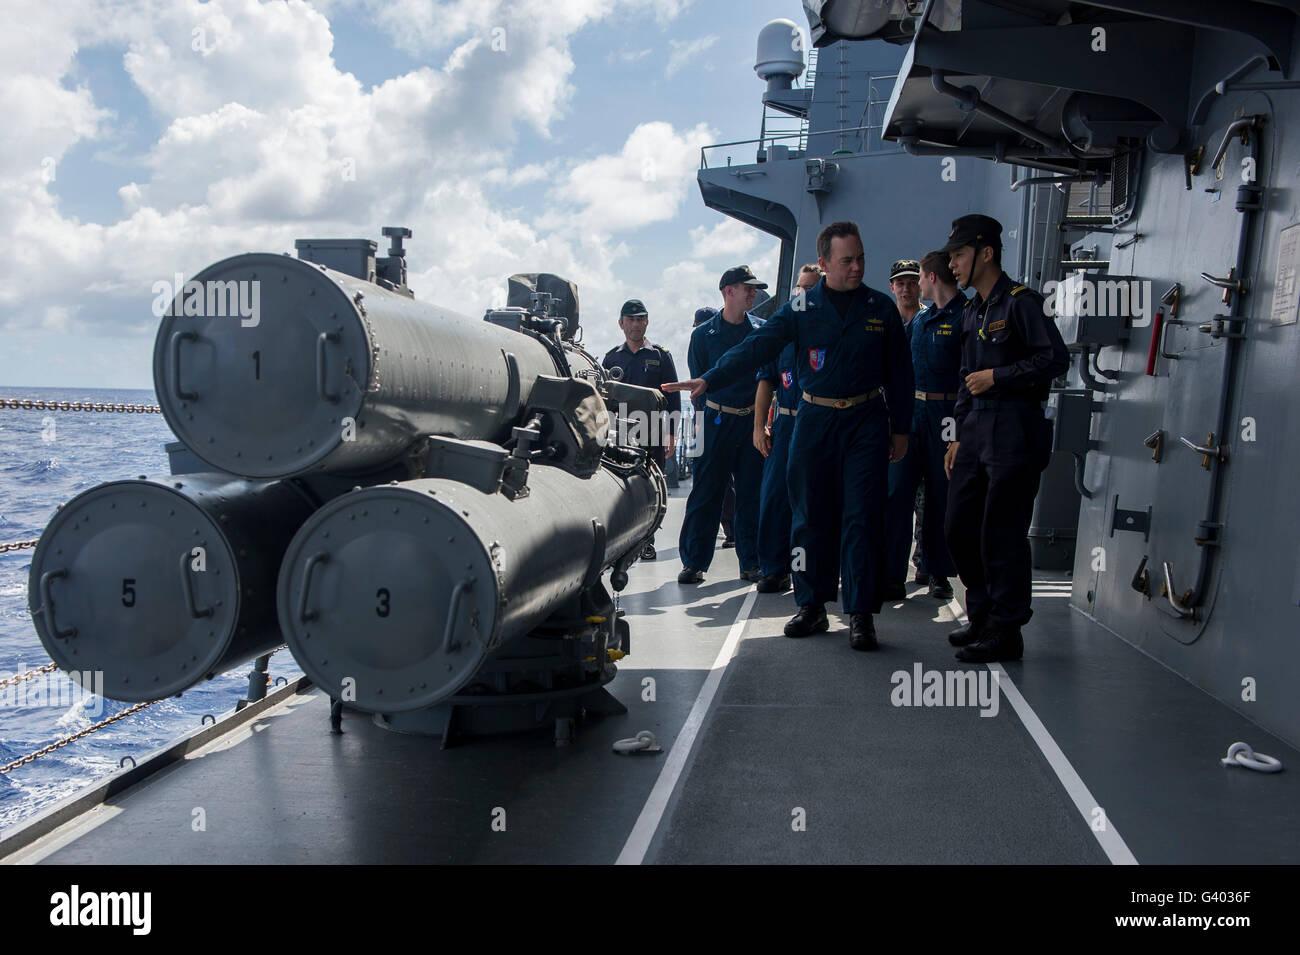 Les marins à bord de l'auto-défense maritime du Japon JS Tsukumo. Photo Stock